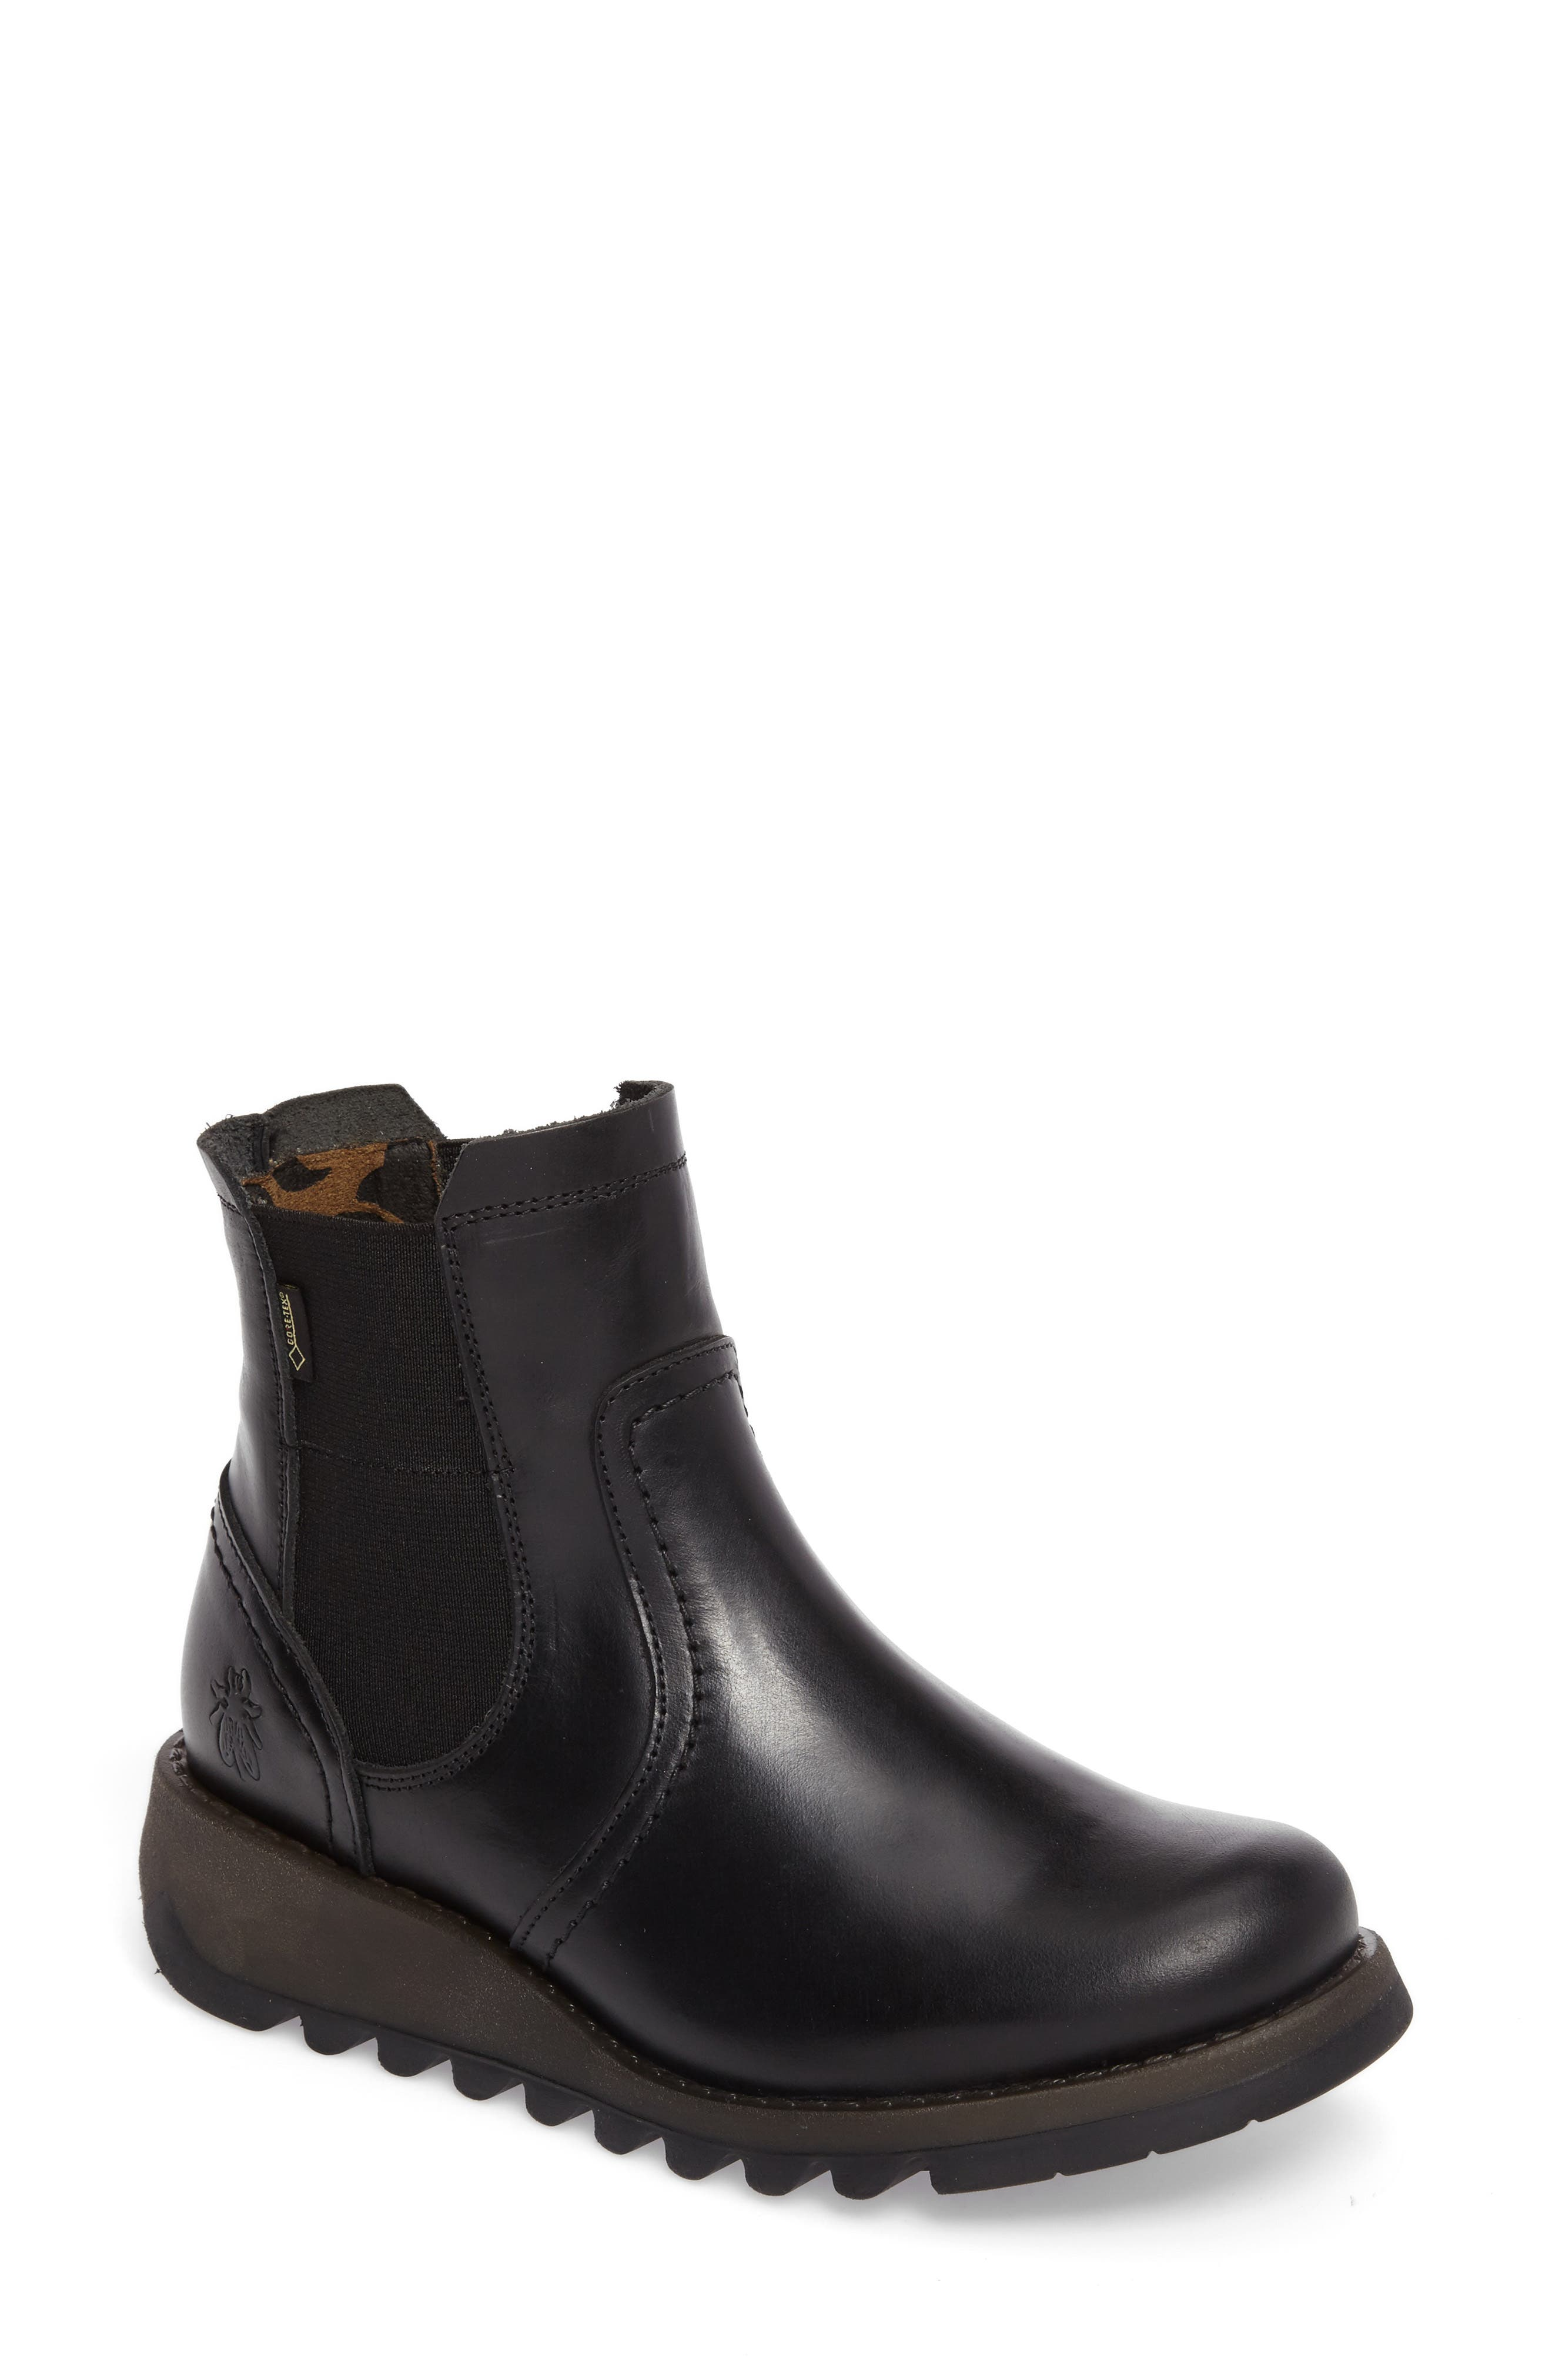 Fly London Scon Waterproof Gore-Tex Chelsea Boot, Black